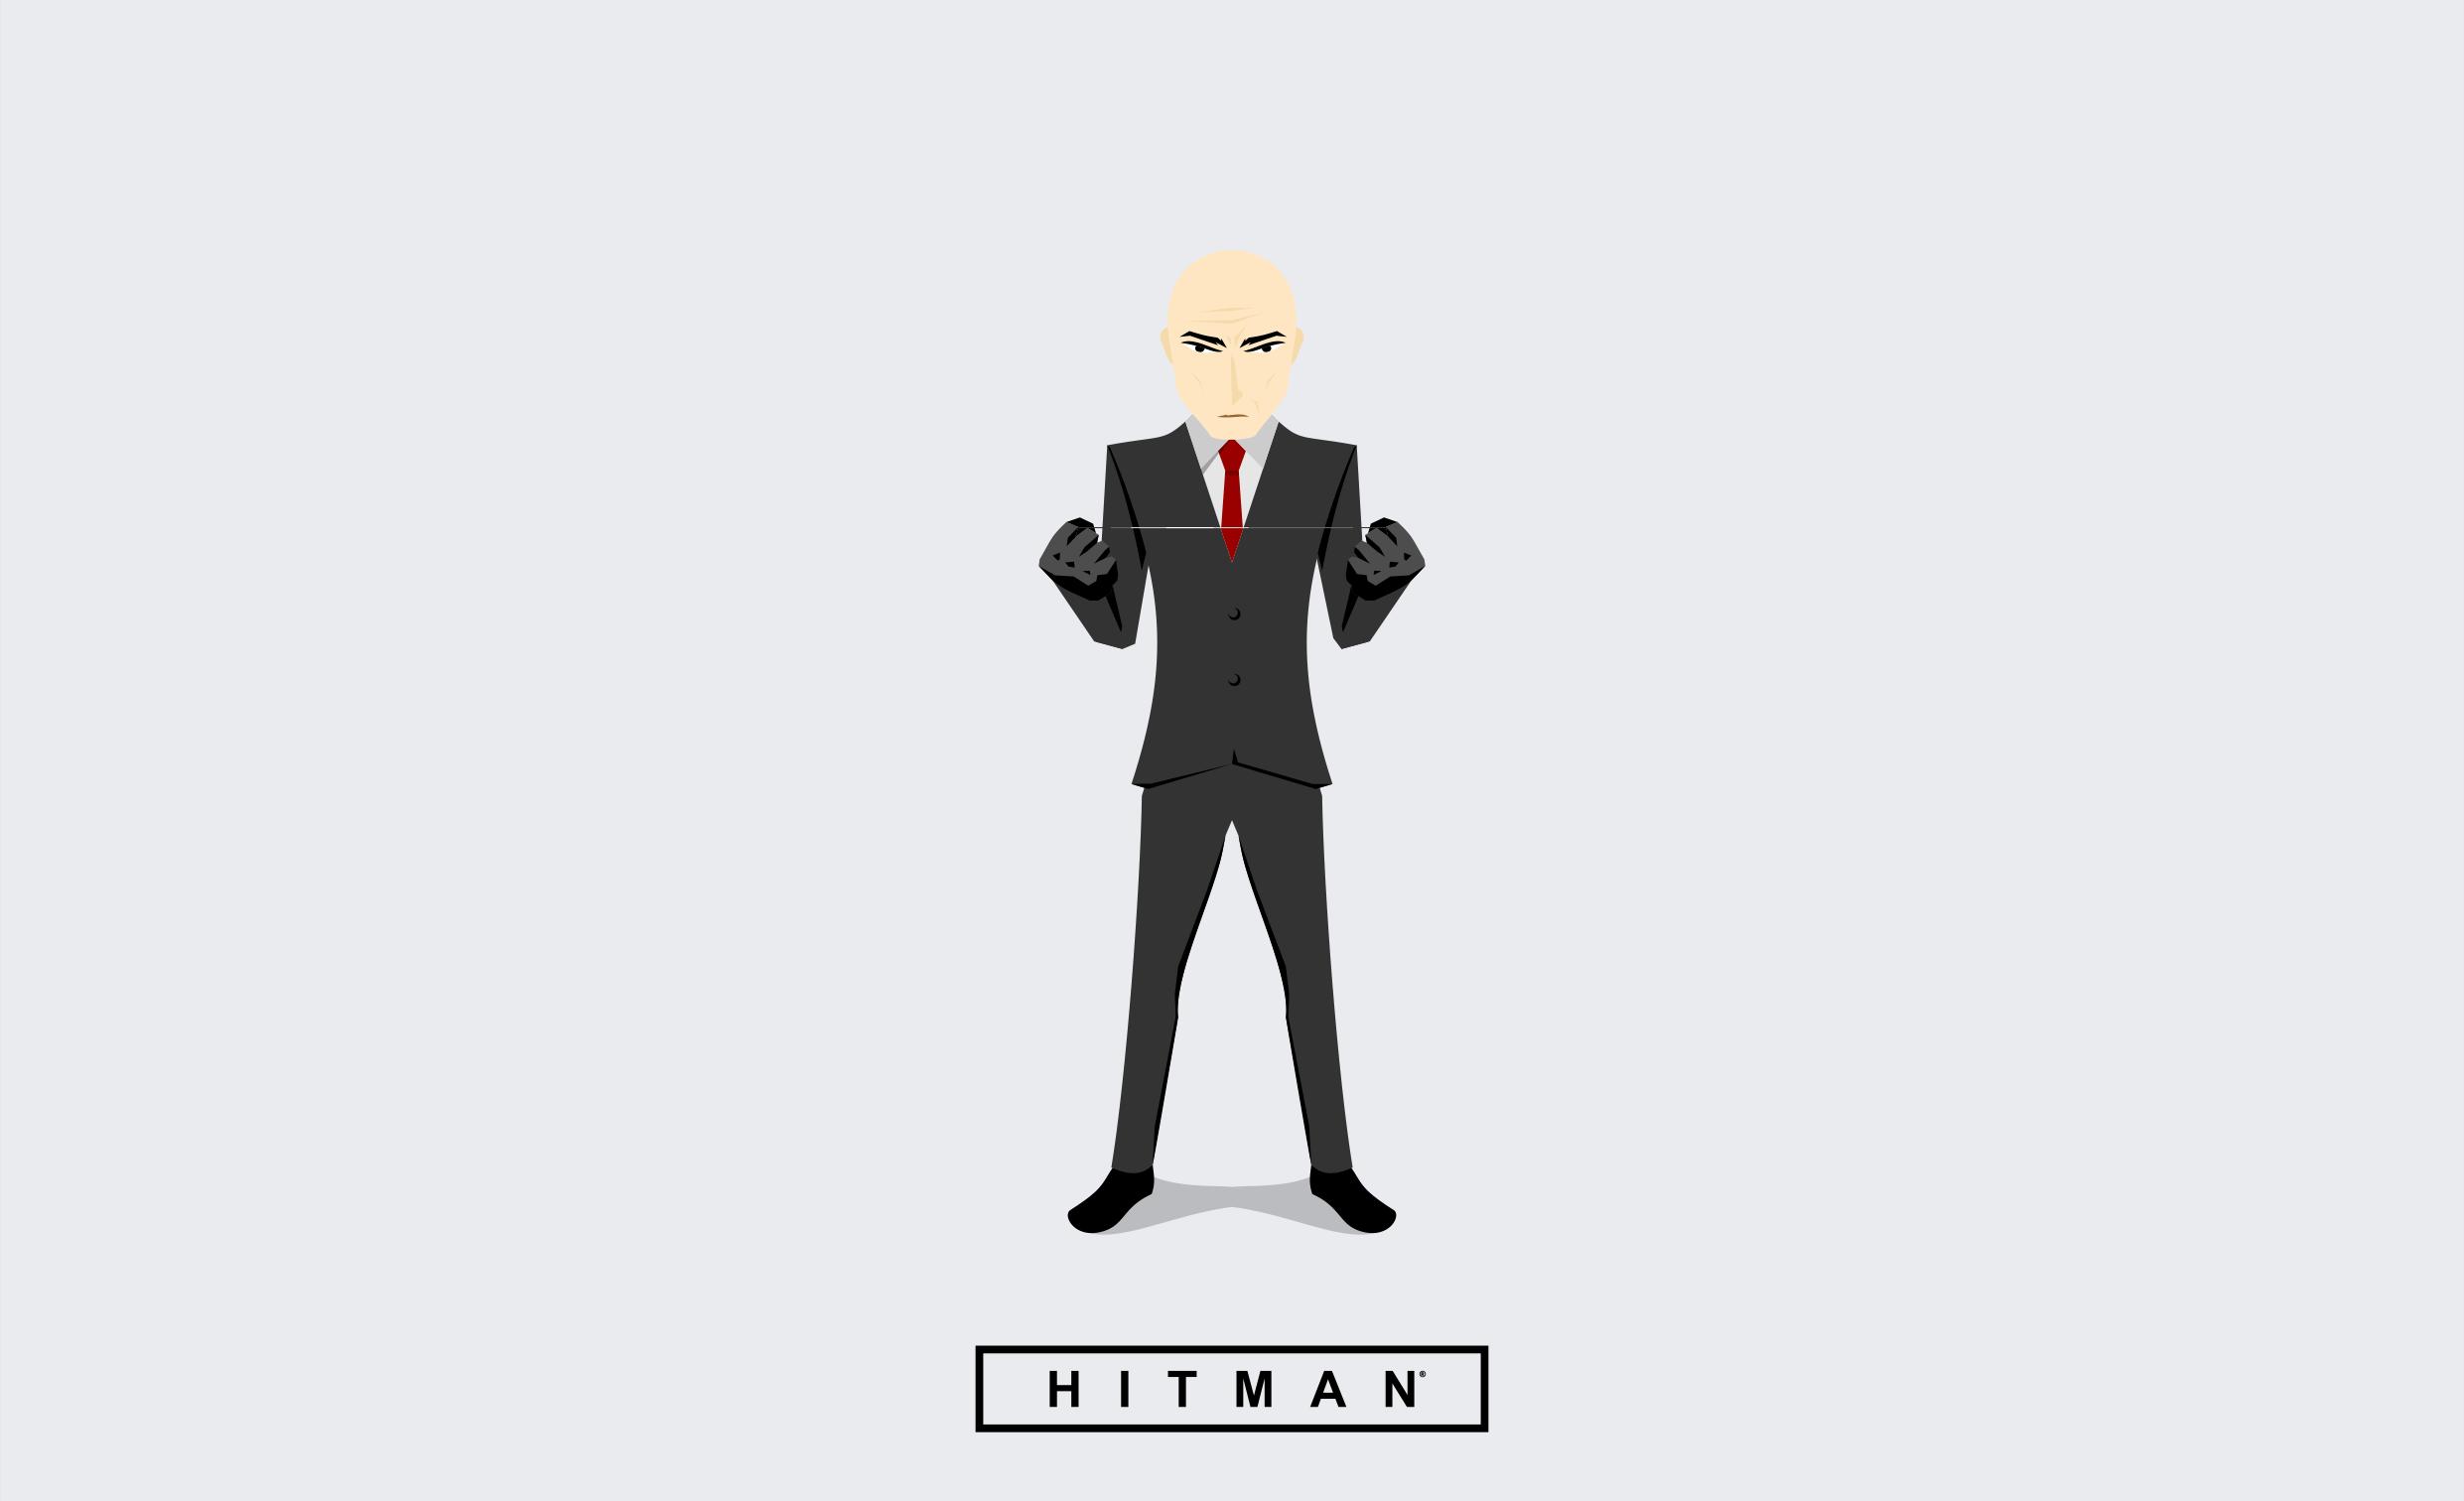 Free stock photo of hitman, Hitman2016, Hitmanwallpaper, murder